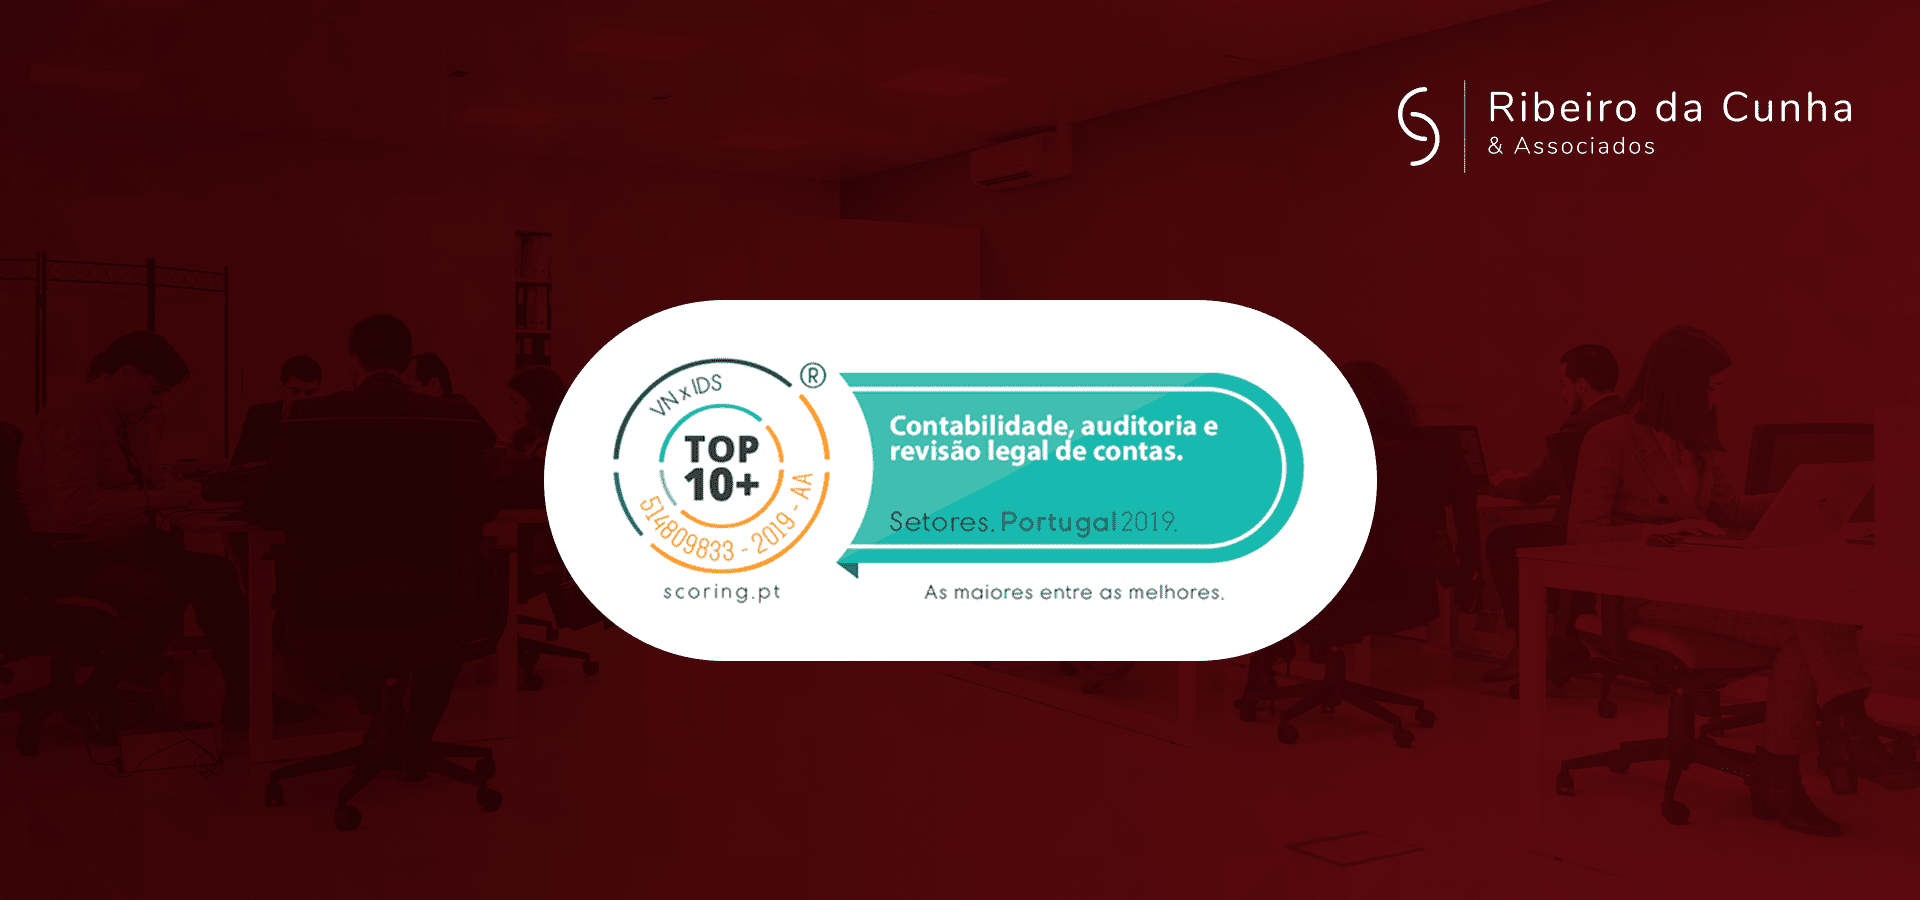 SROC-Ribeiro da Cunha Associados - Artigo - Top PME